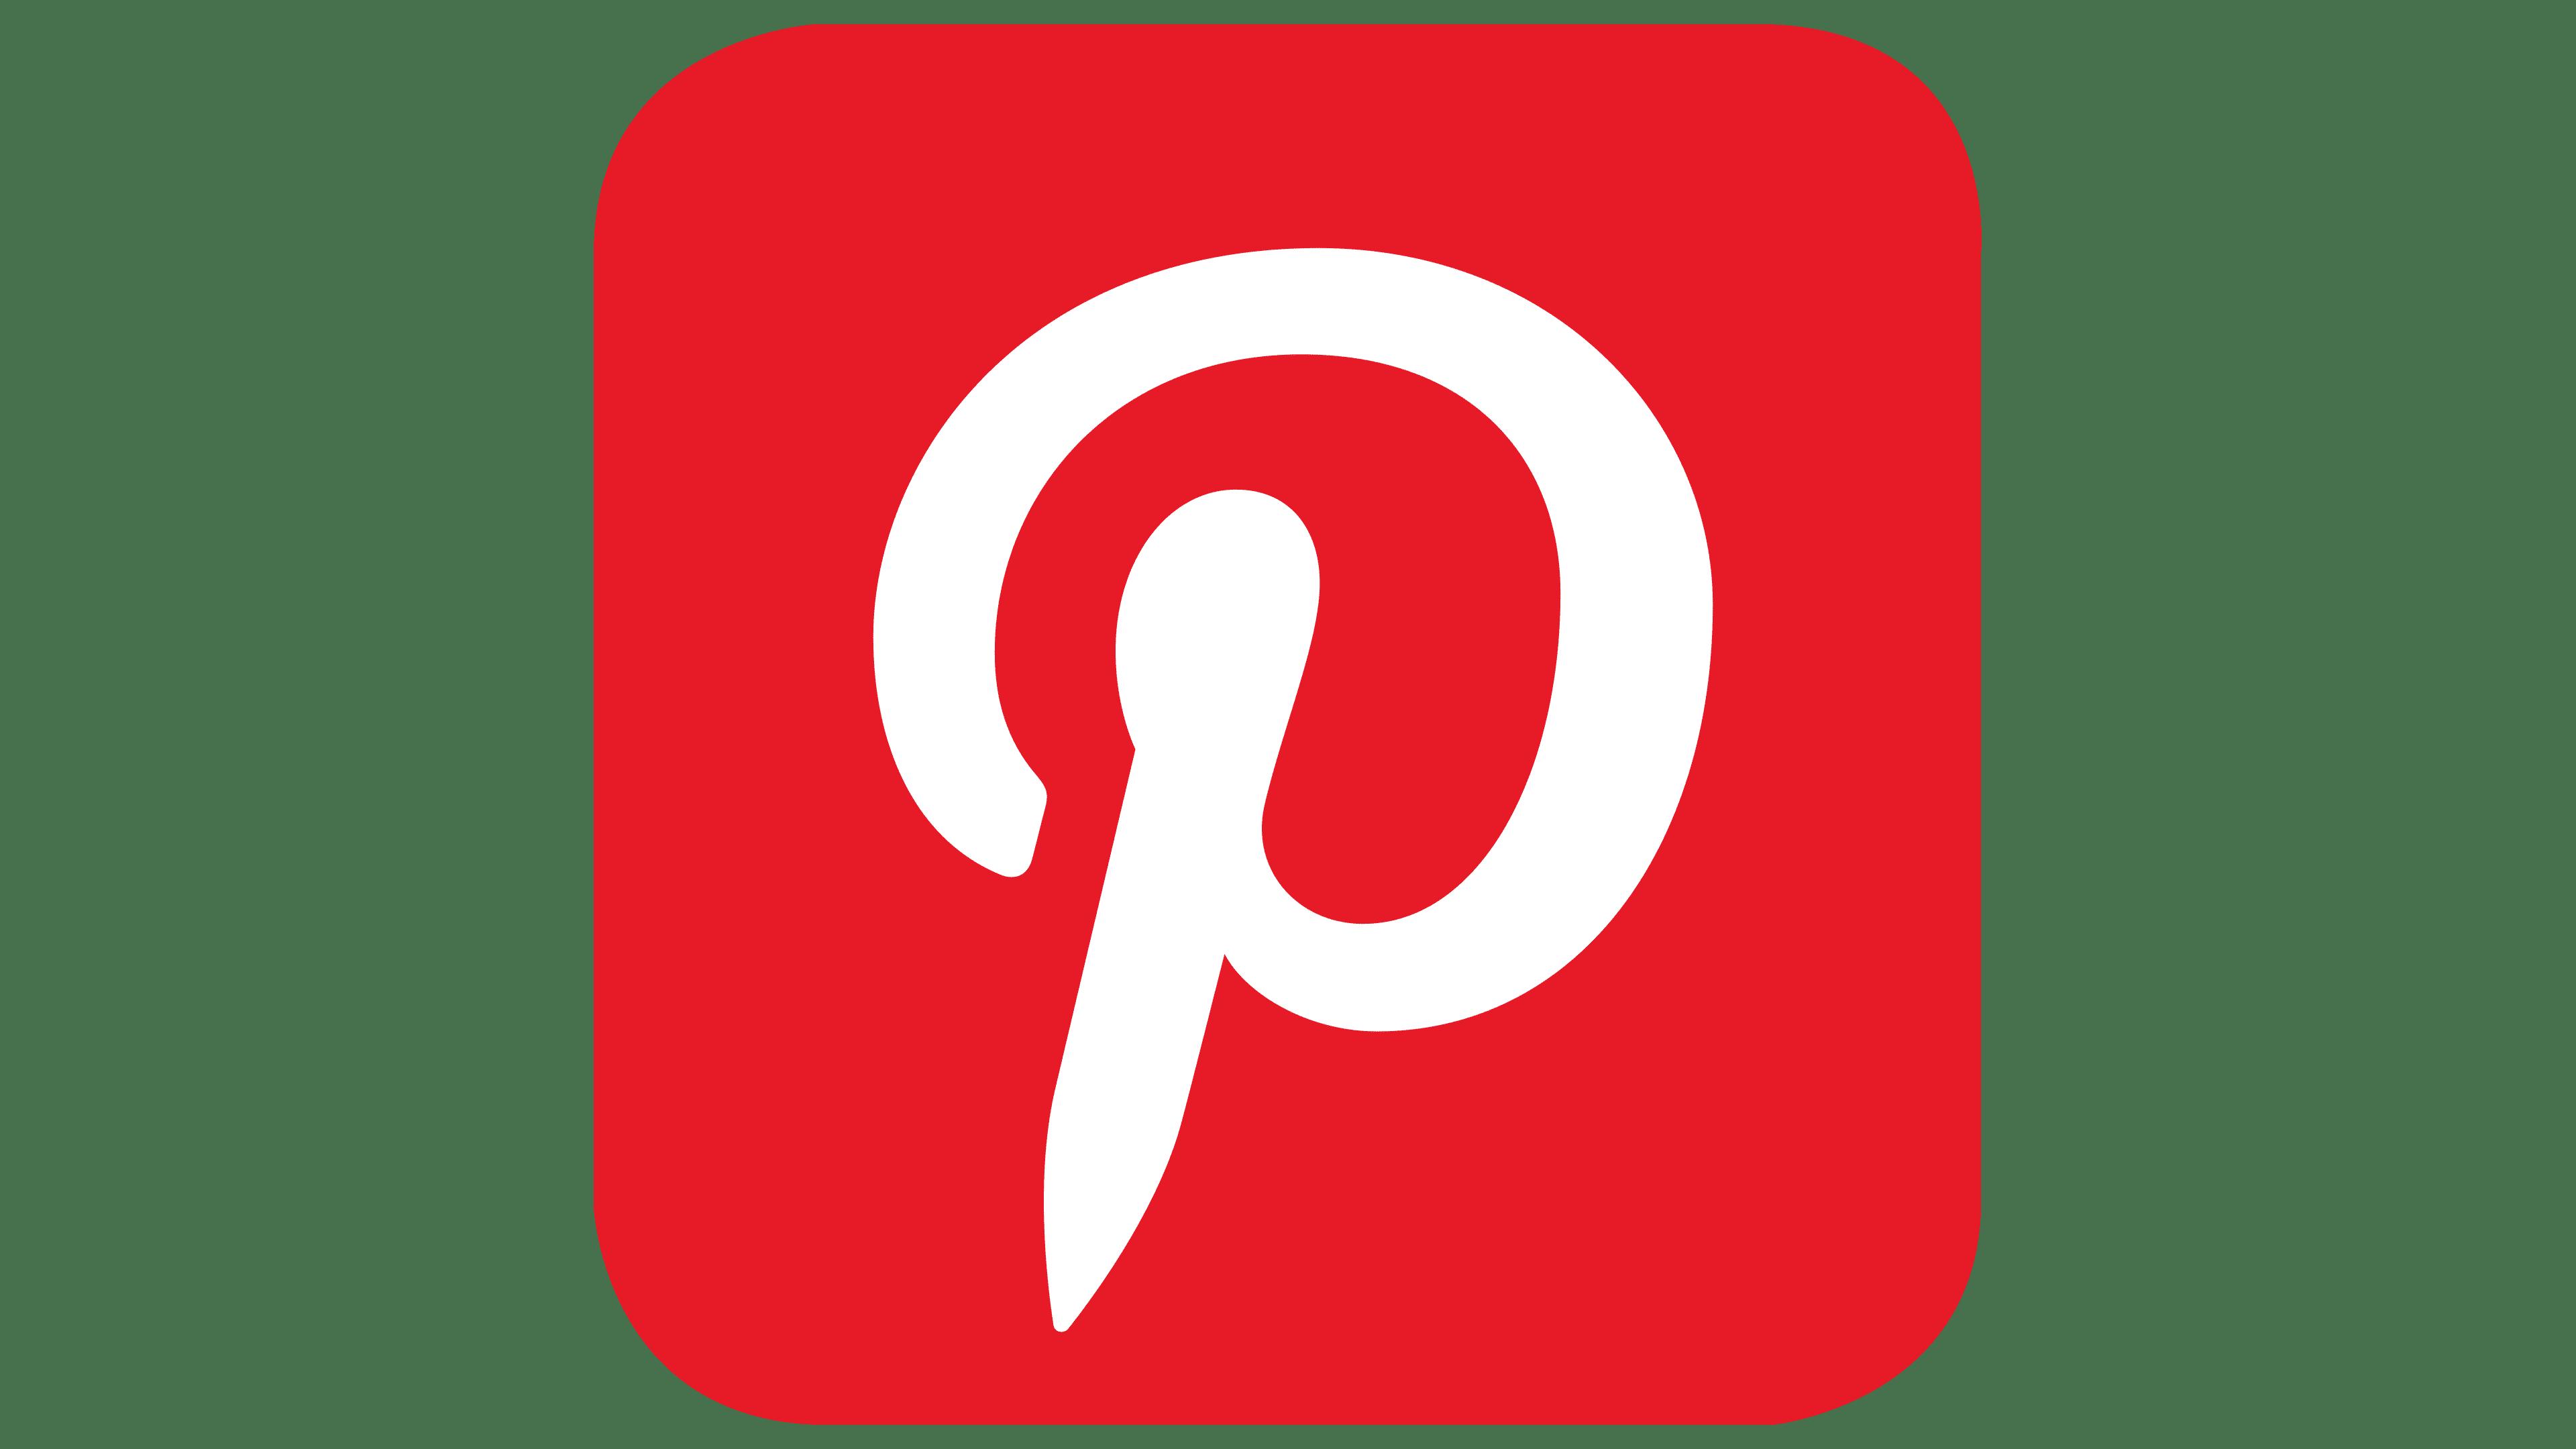 Pinterest emblem